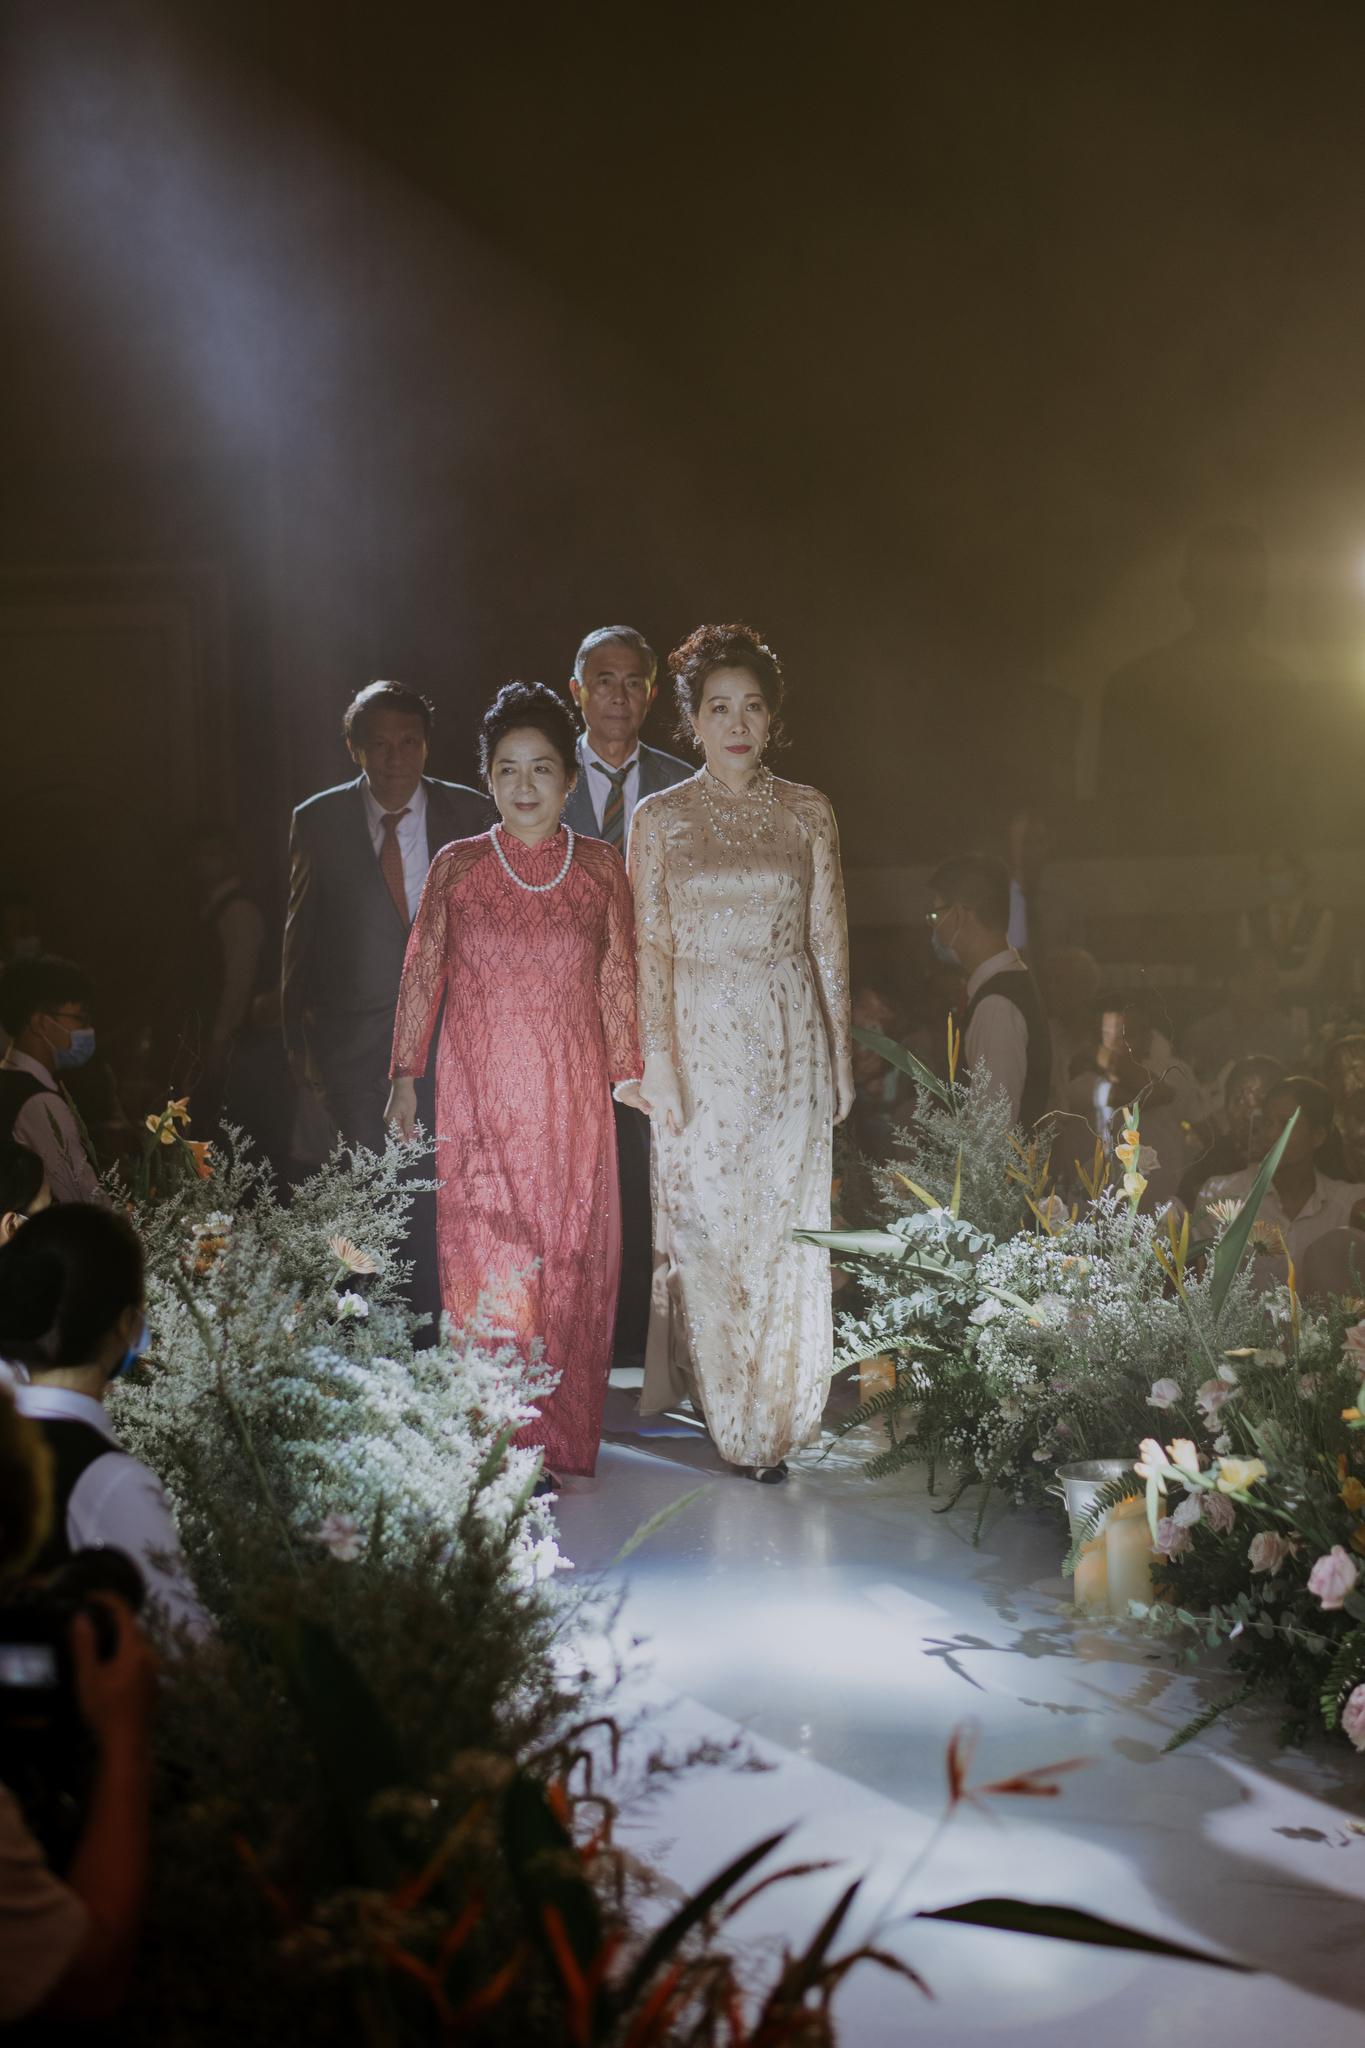 https://huk.s3.amazonaws.com/uploads/image/source/1438/Phuong-Diep-HN-Ceremony-2-0116.JPG